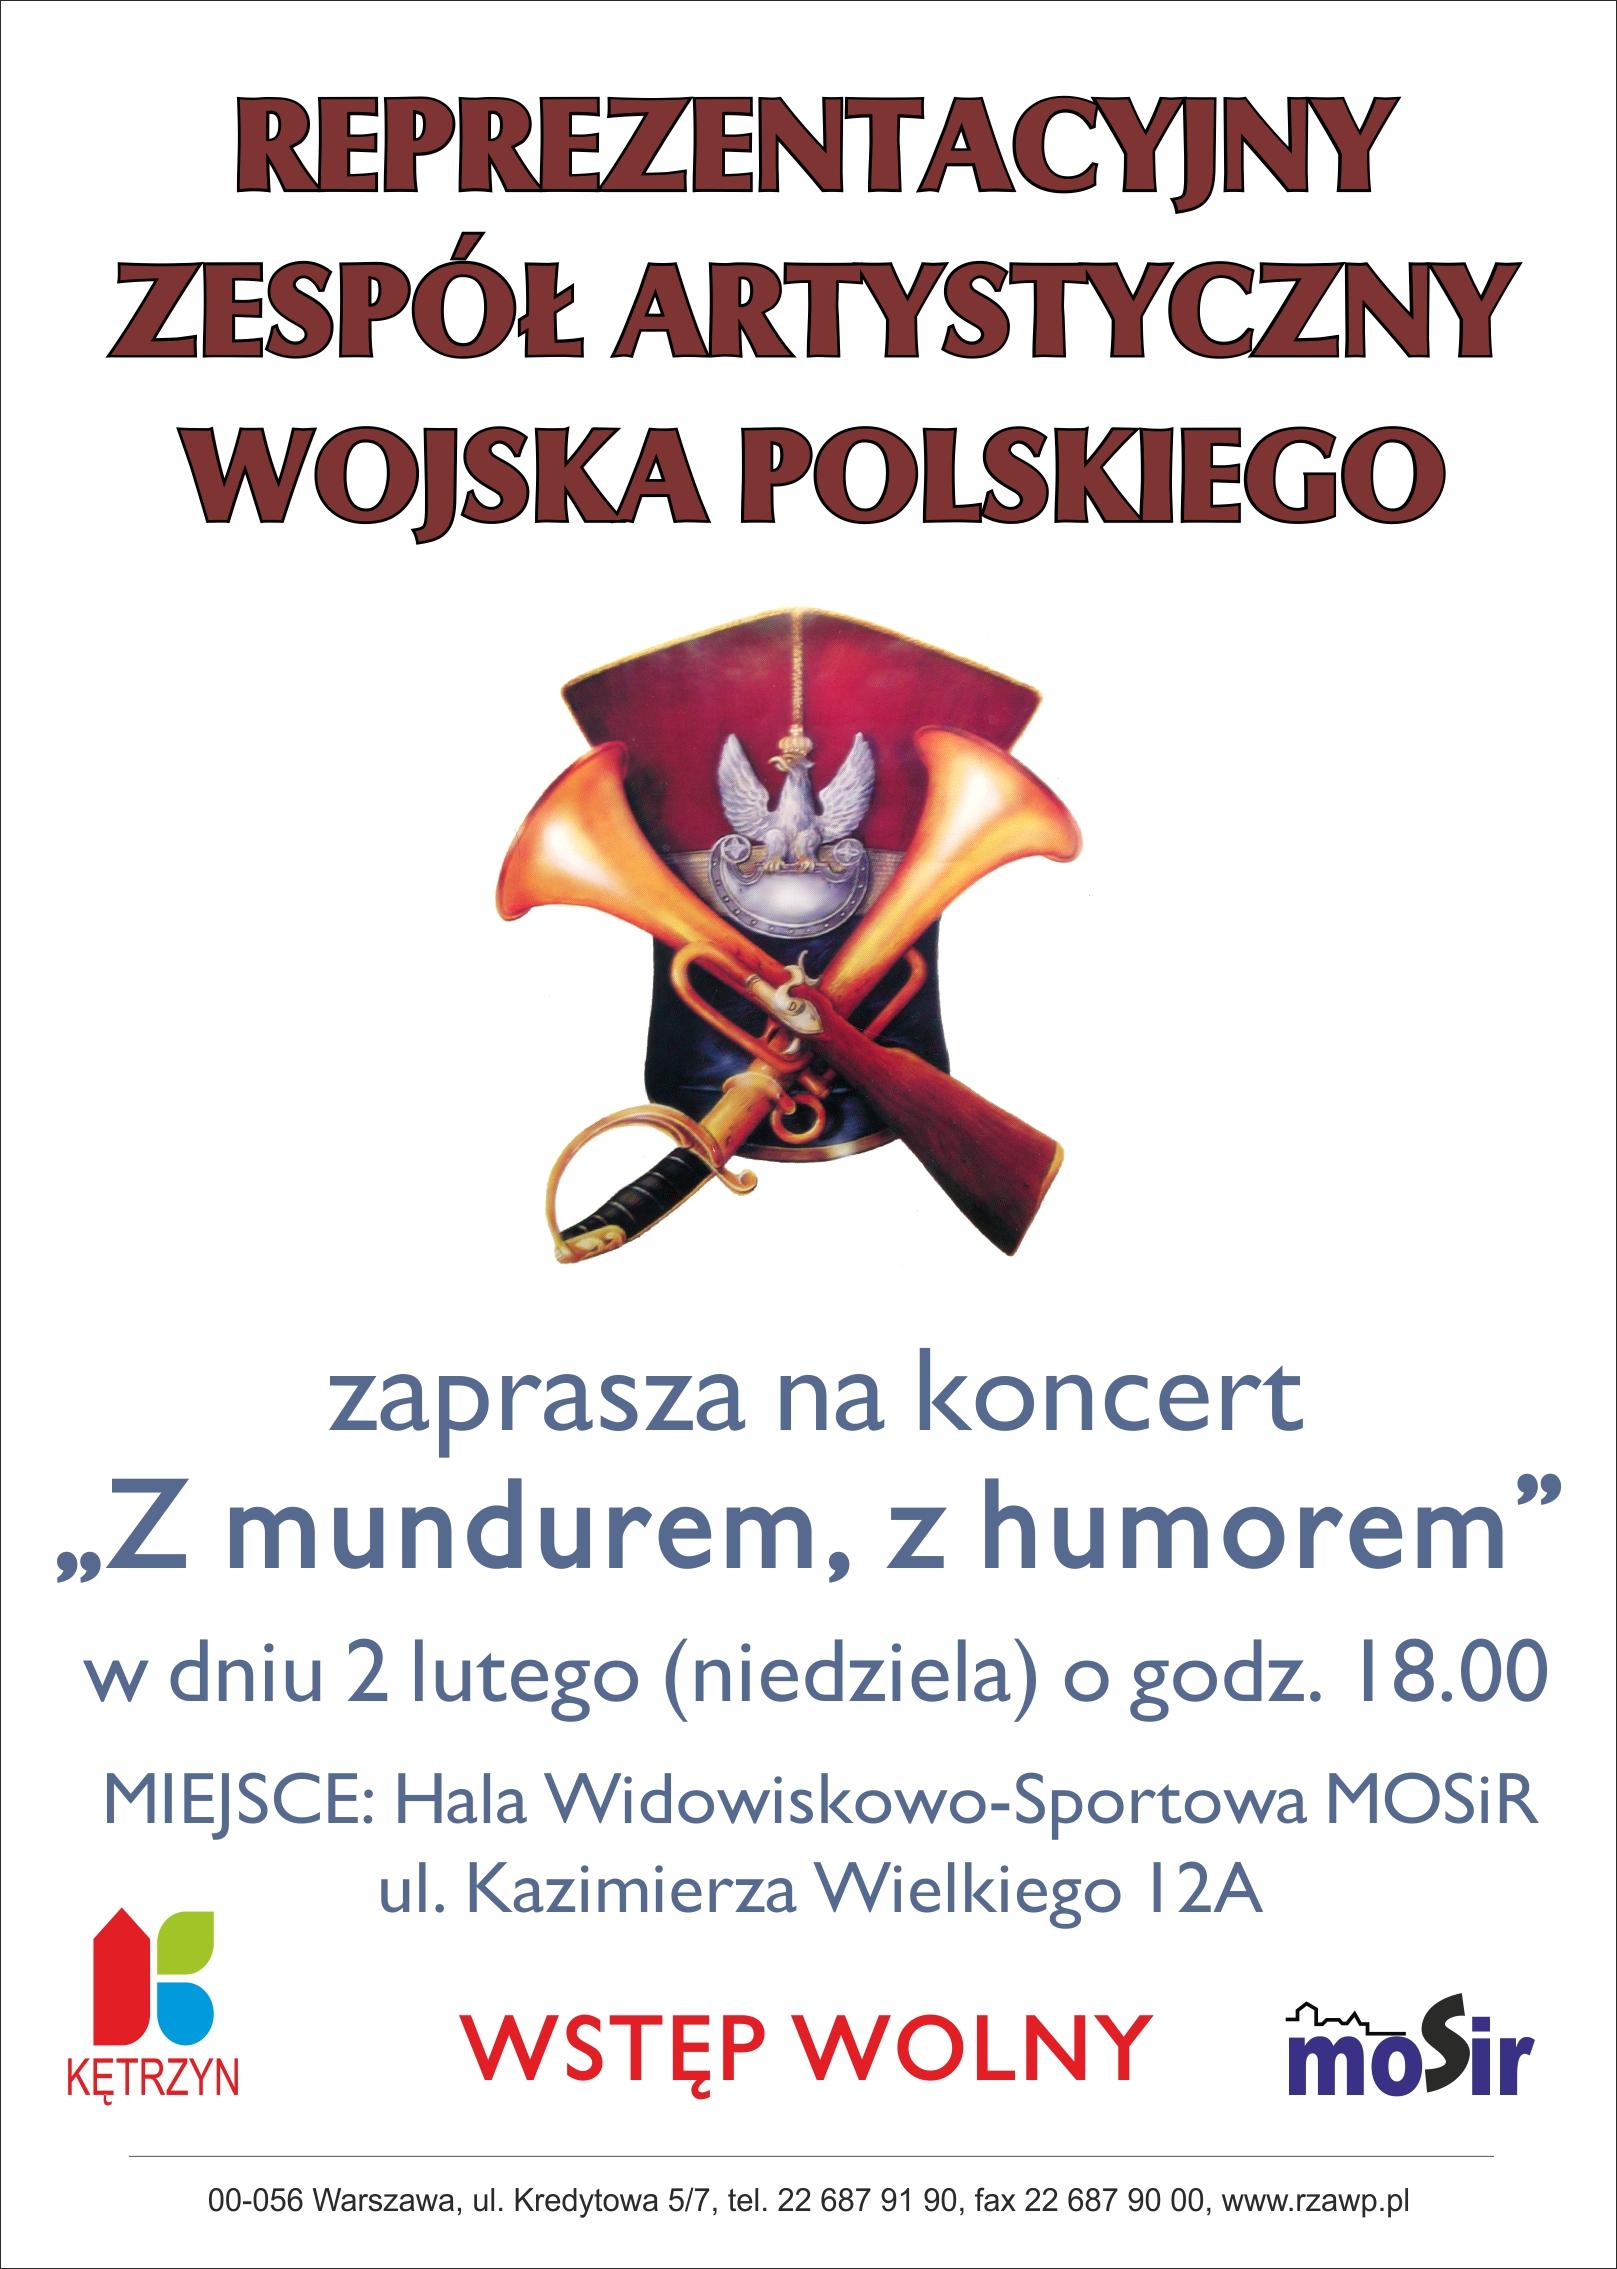 zespol artystyczny wojska polskiego